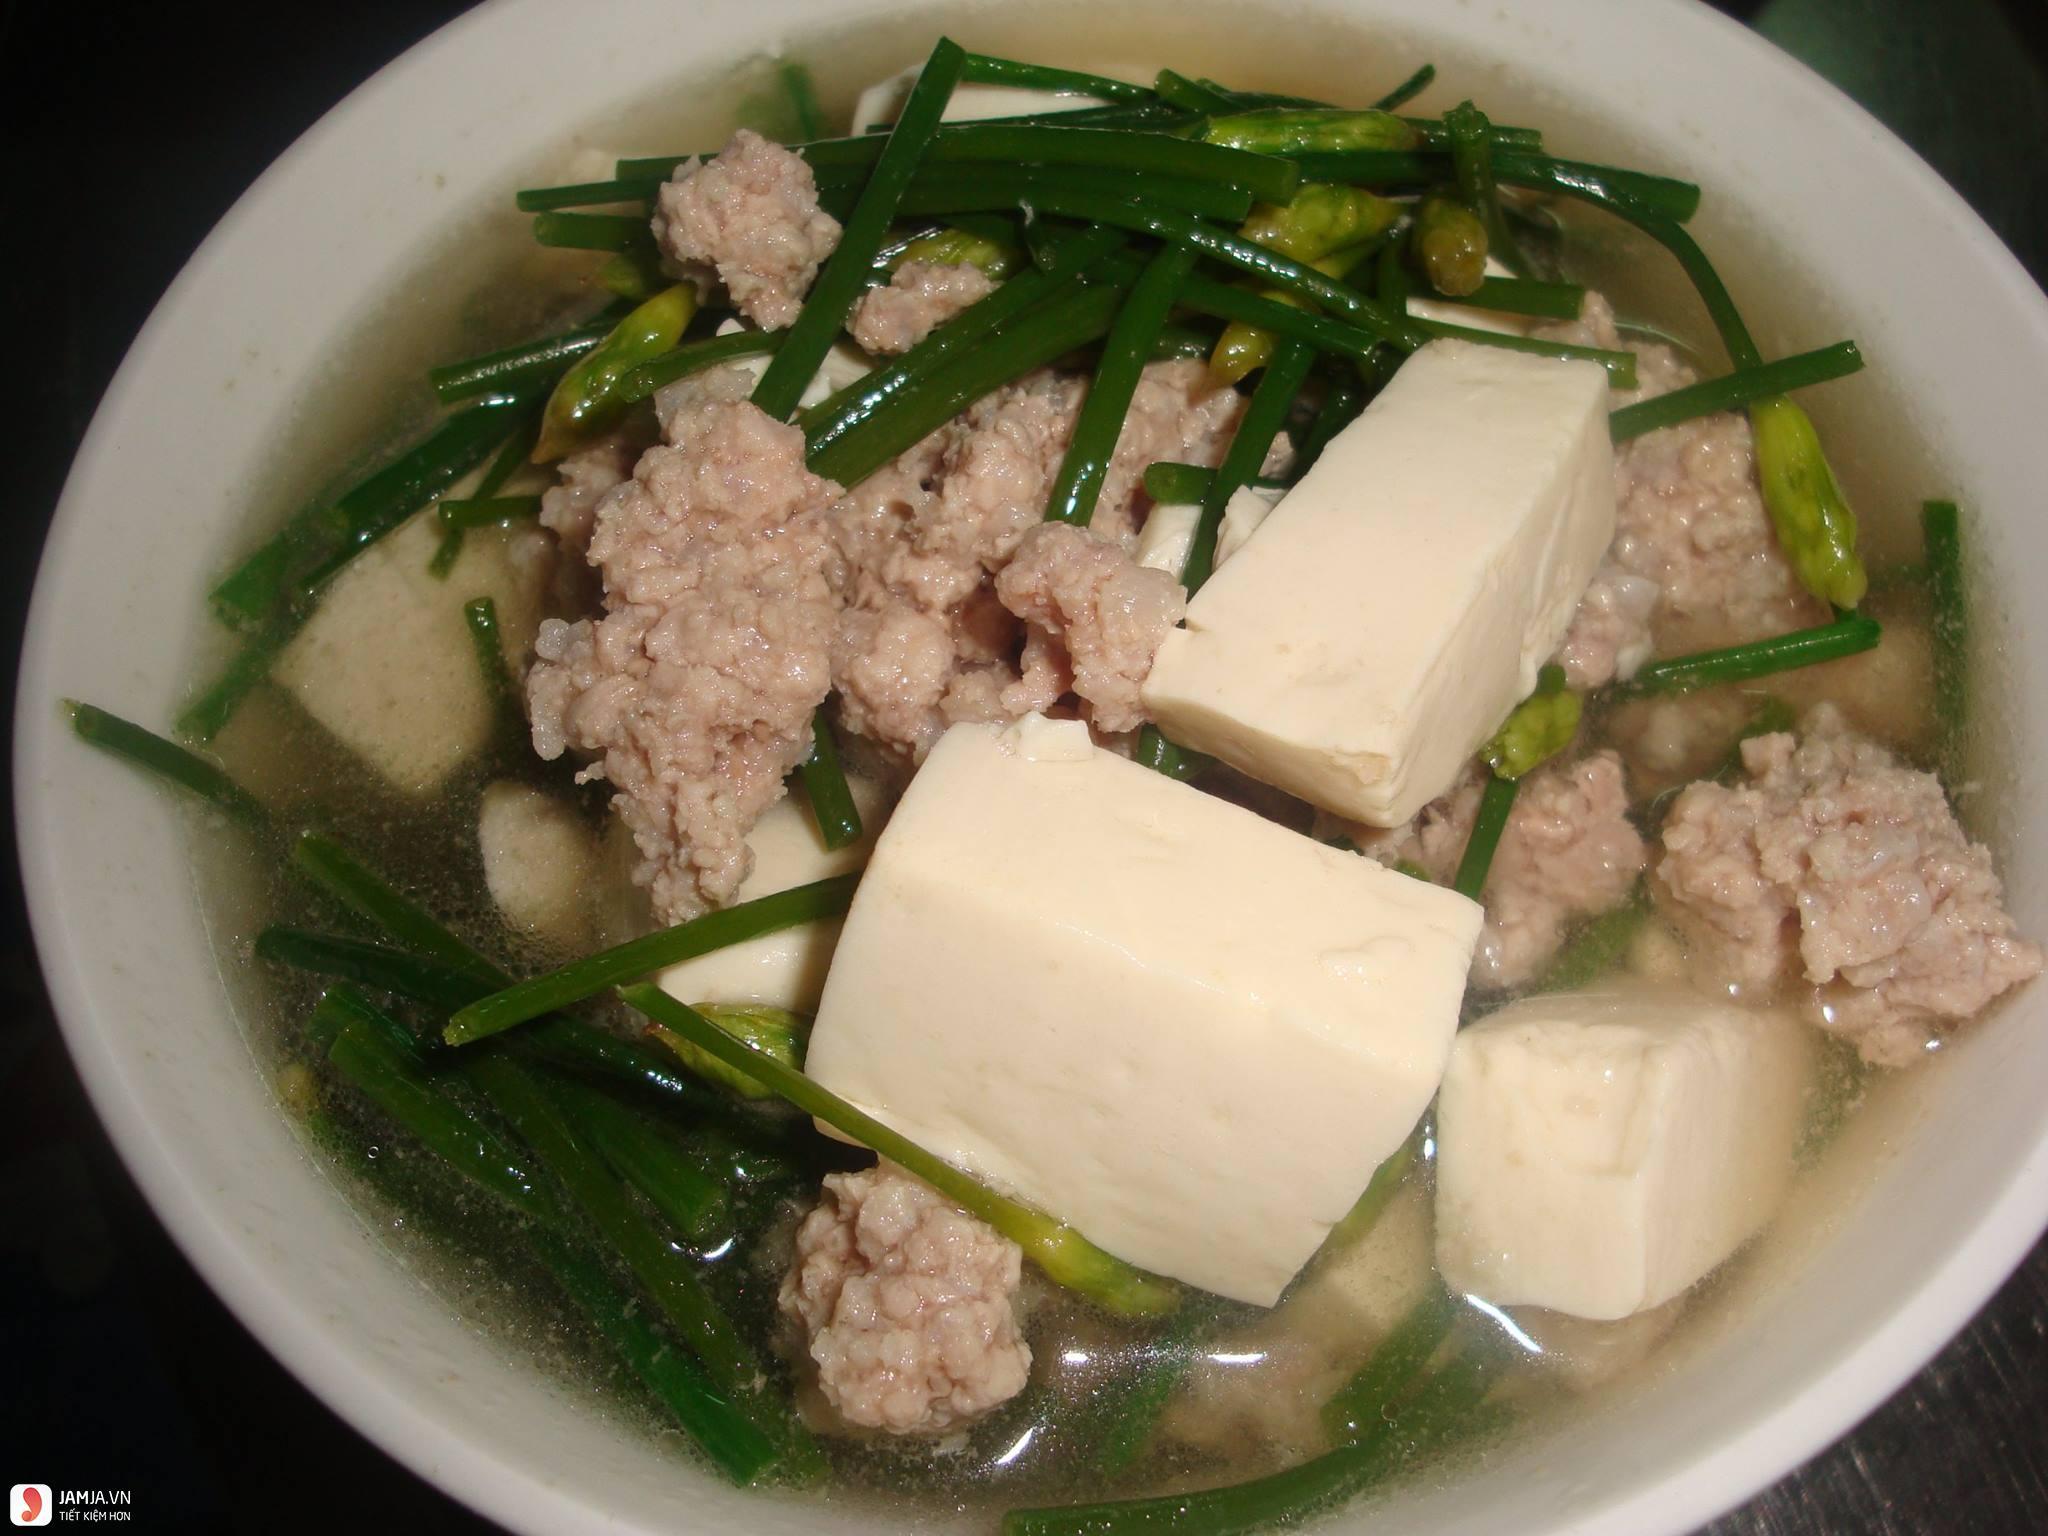 Cách nấu canh thịt heo lá-4